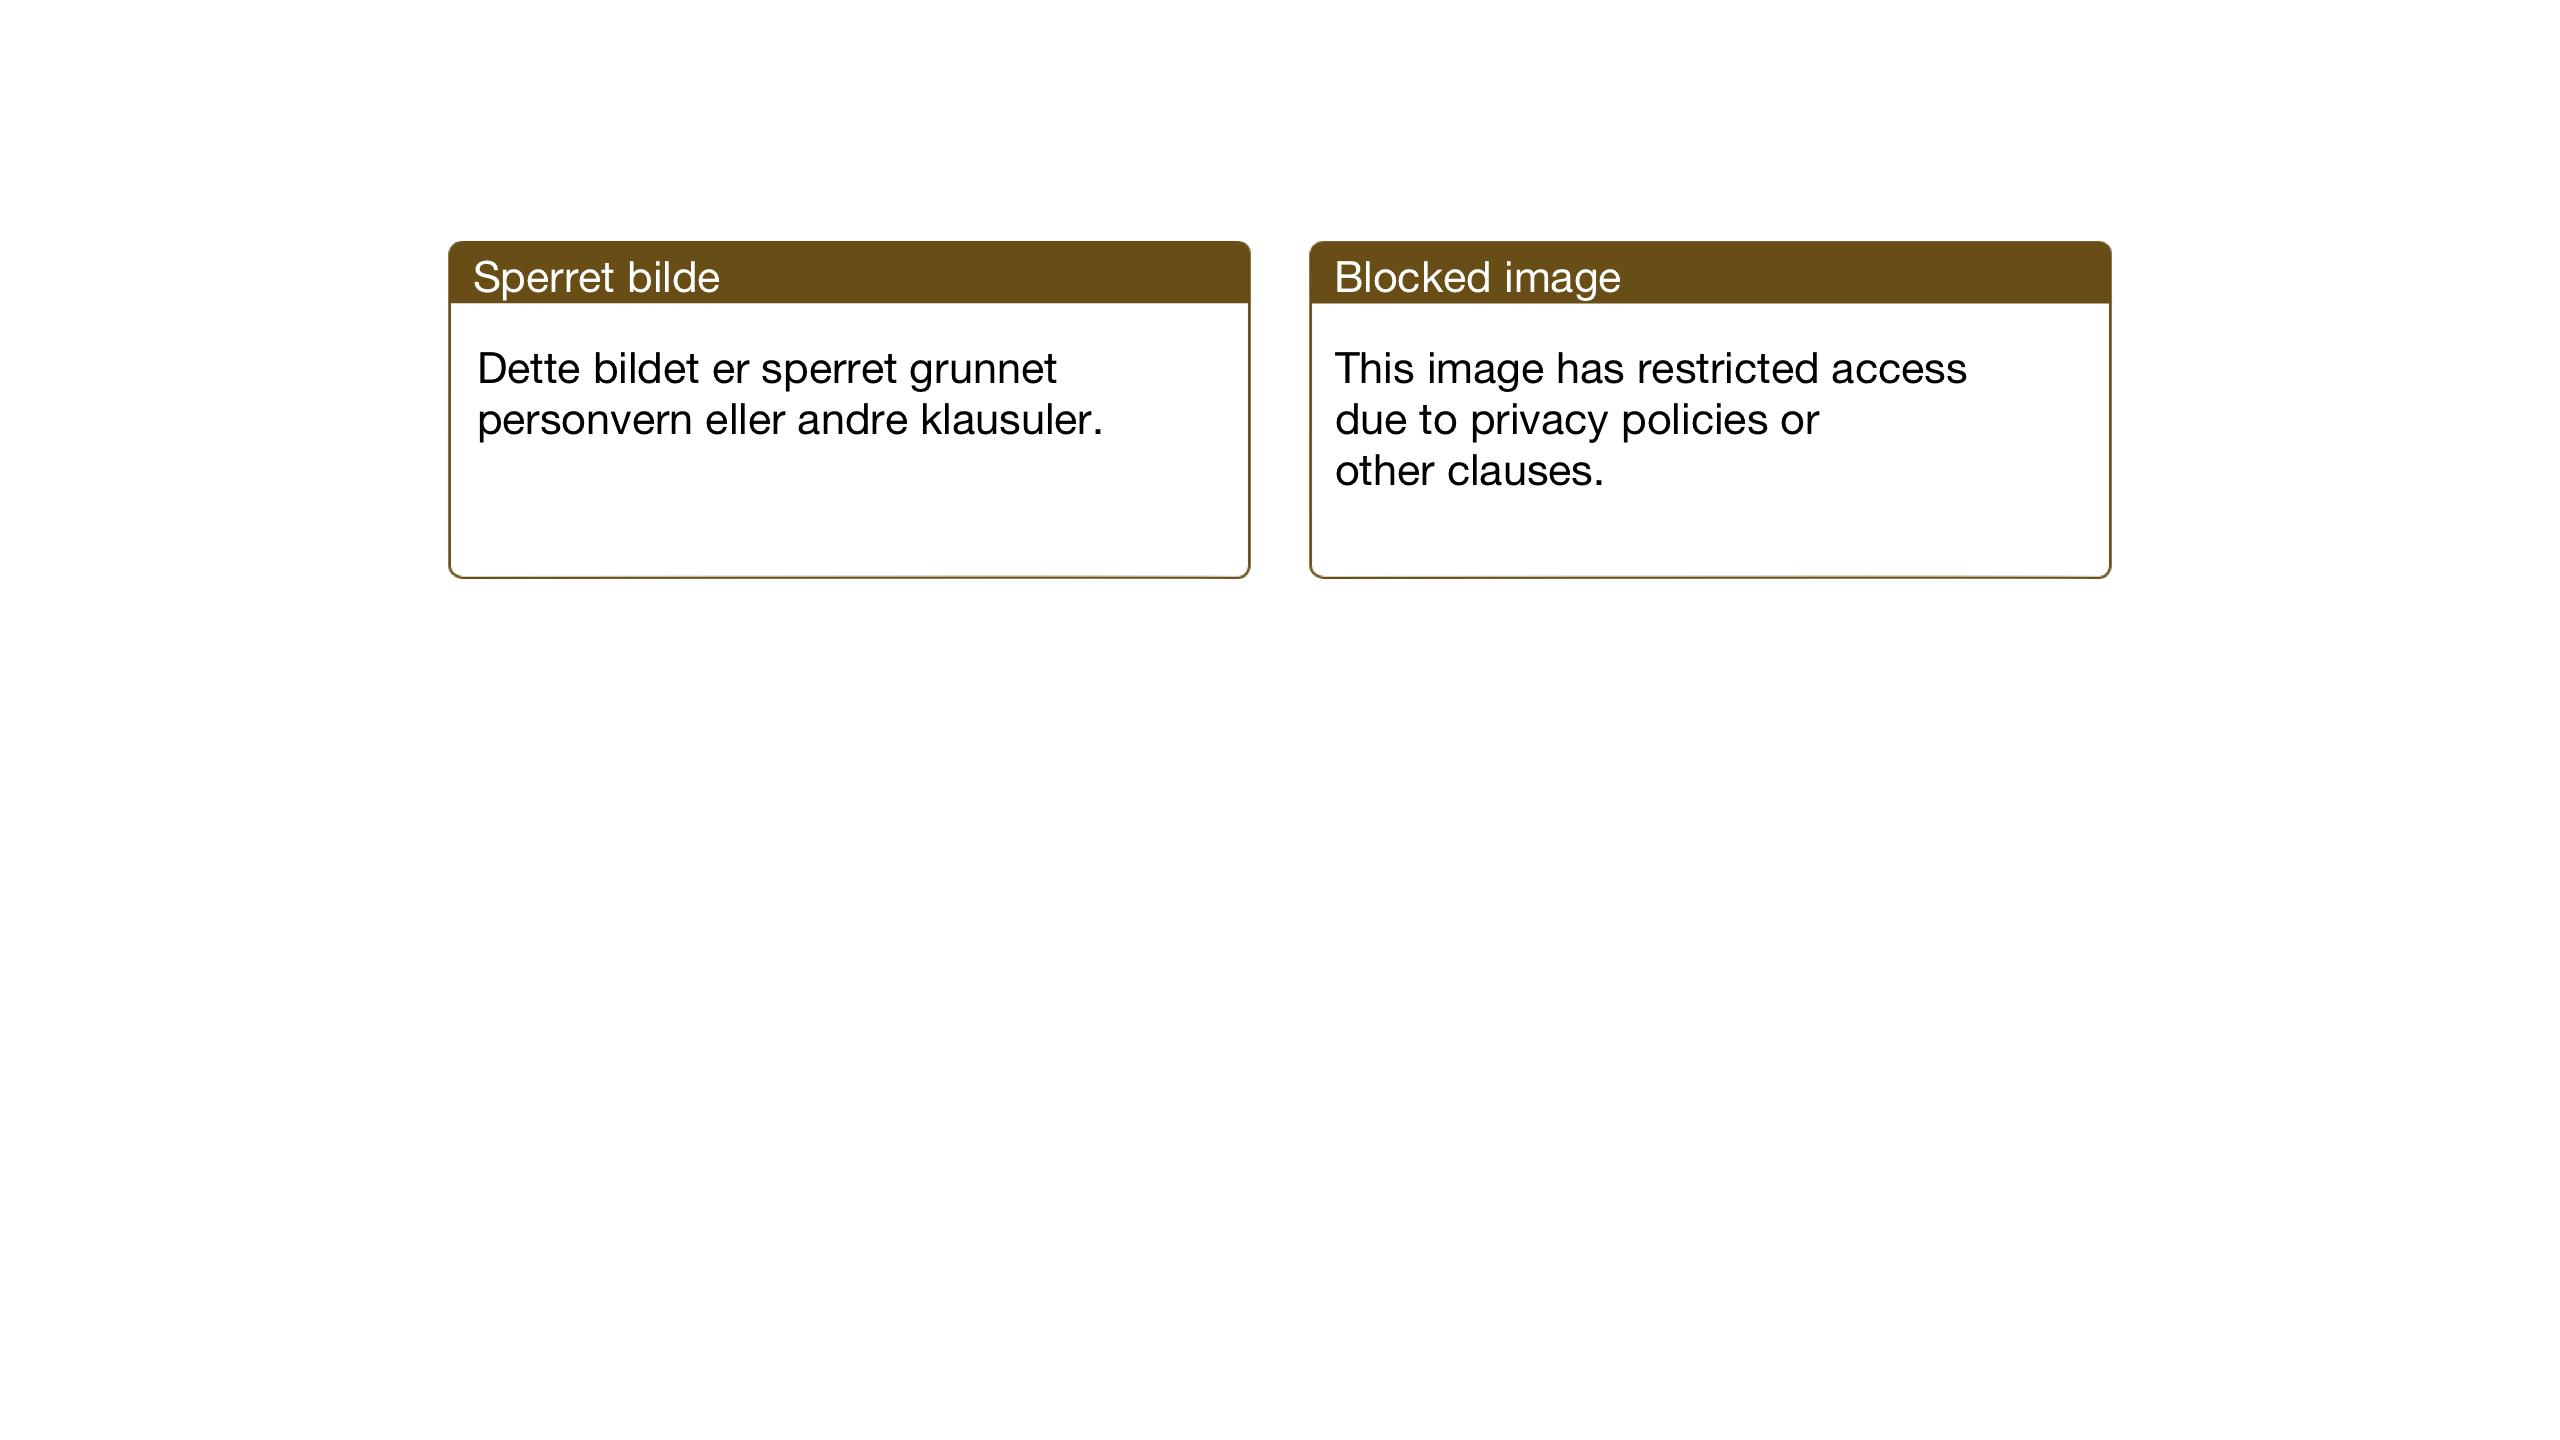 SAT, Ministerialprotokoller, klokkerbøker og fødselsregistre - Nord-Trøndelag, 722/L0227: Klokkerbok nr. 722C03, 1928-1958, s. 26